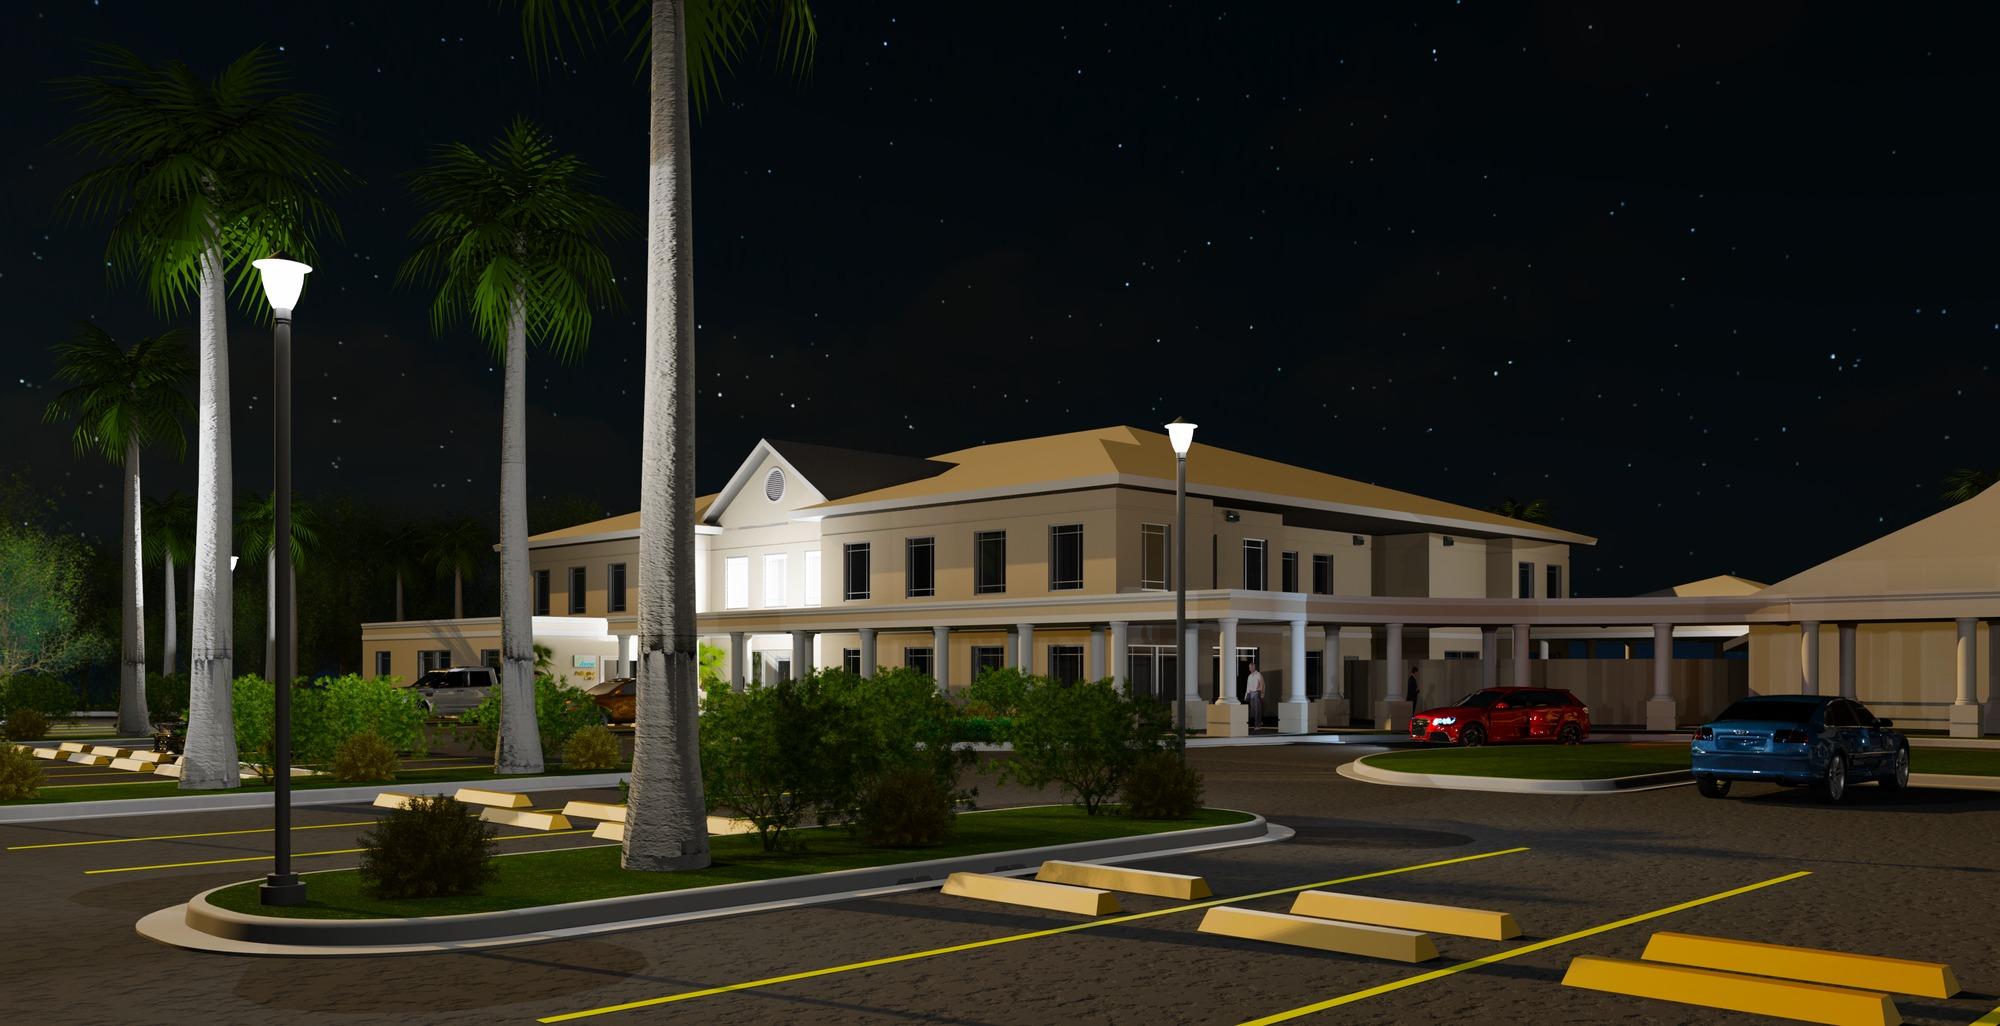 Raas-rendering20141128-6952-1br12w9